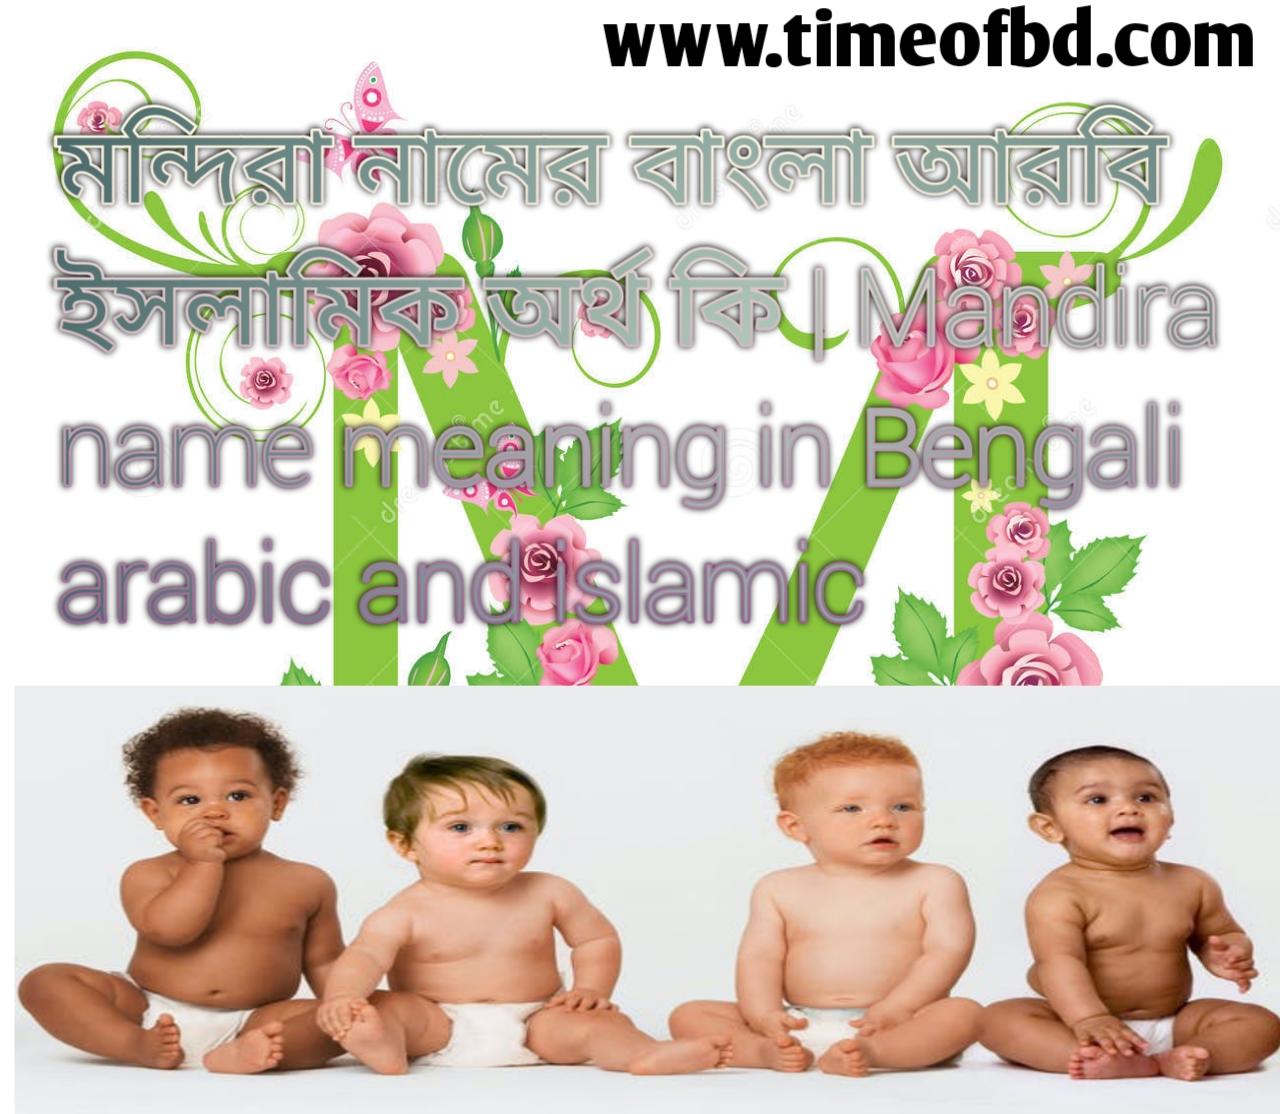 মন্দিরা নামের অর্থ কি, মন্দিরা নামের বাংলা অর্থ কি, মন্দিরা নামের ইসলামিক অর্থ কি, Mandira name meaning in Bengali, মন্দিরা কি ইসলামিক নাম,